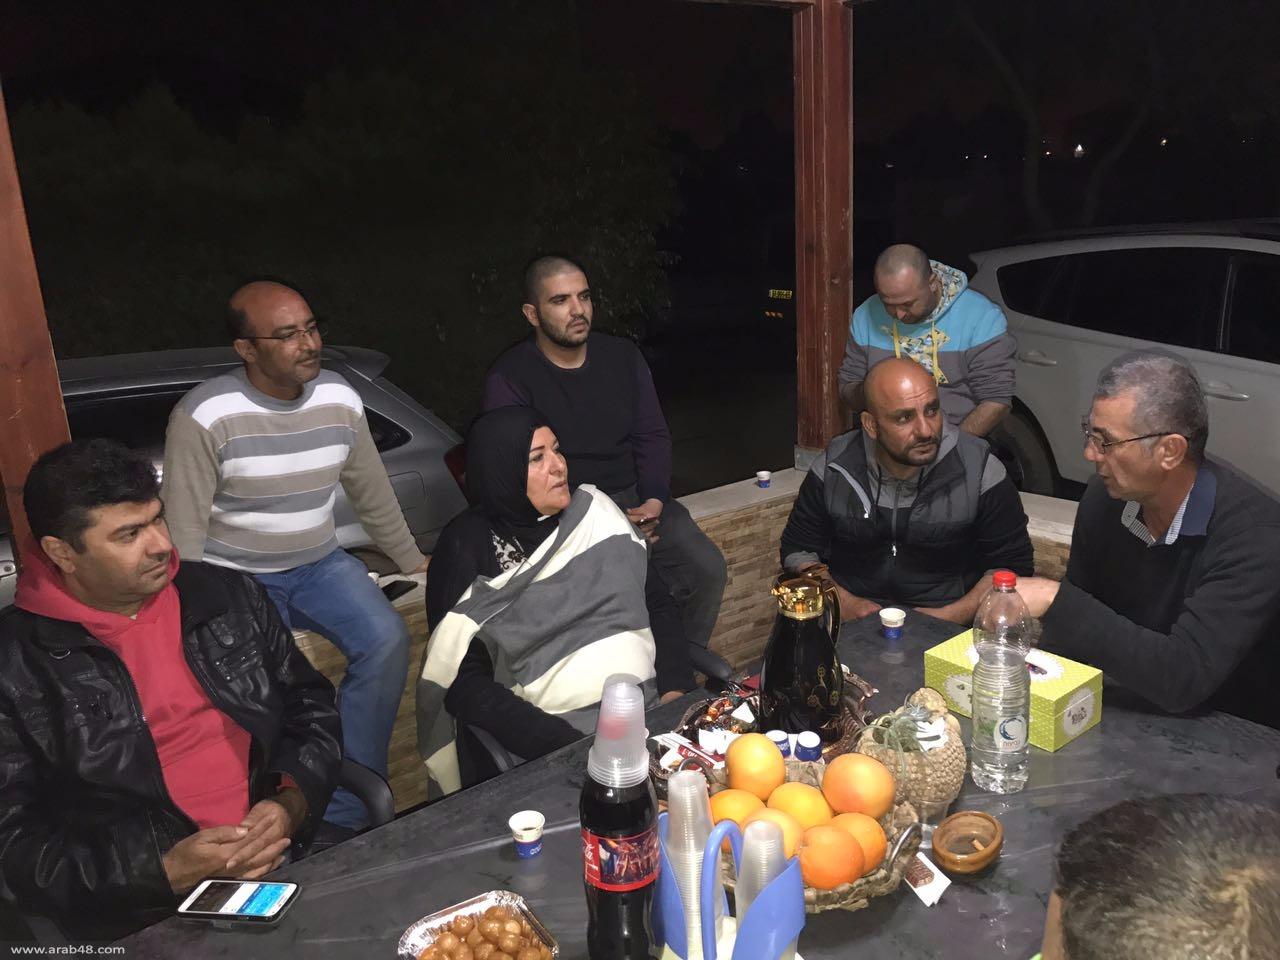 قلنسوة: صرخة استغاثة من أصحاب البيوت المهددة بالهدم